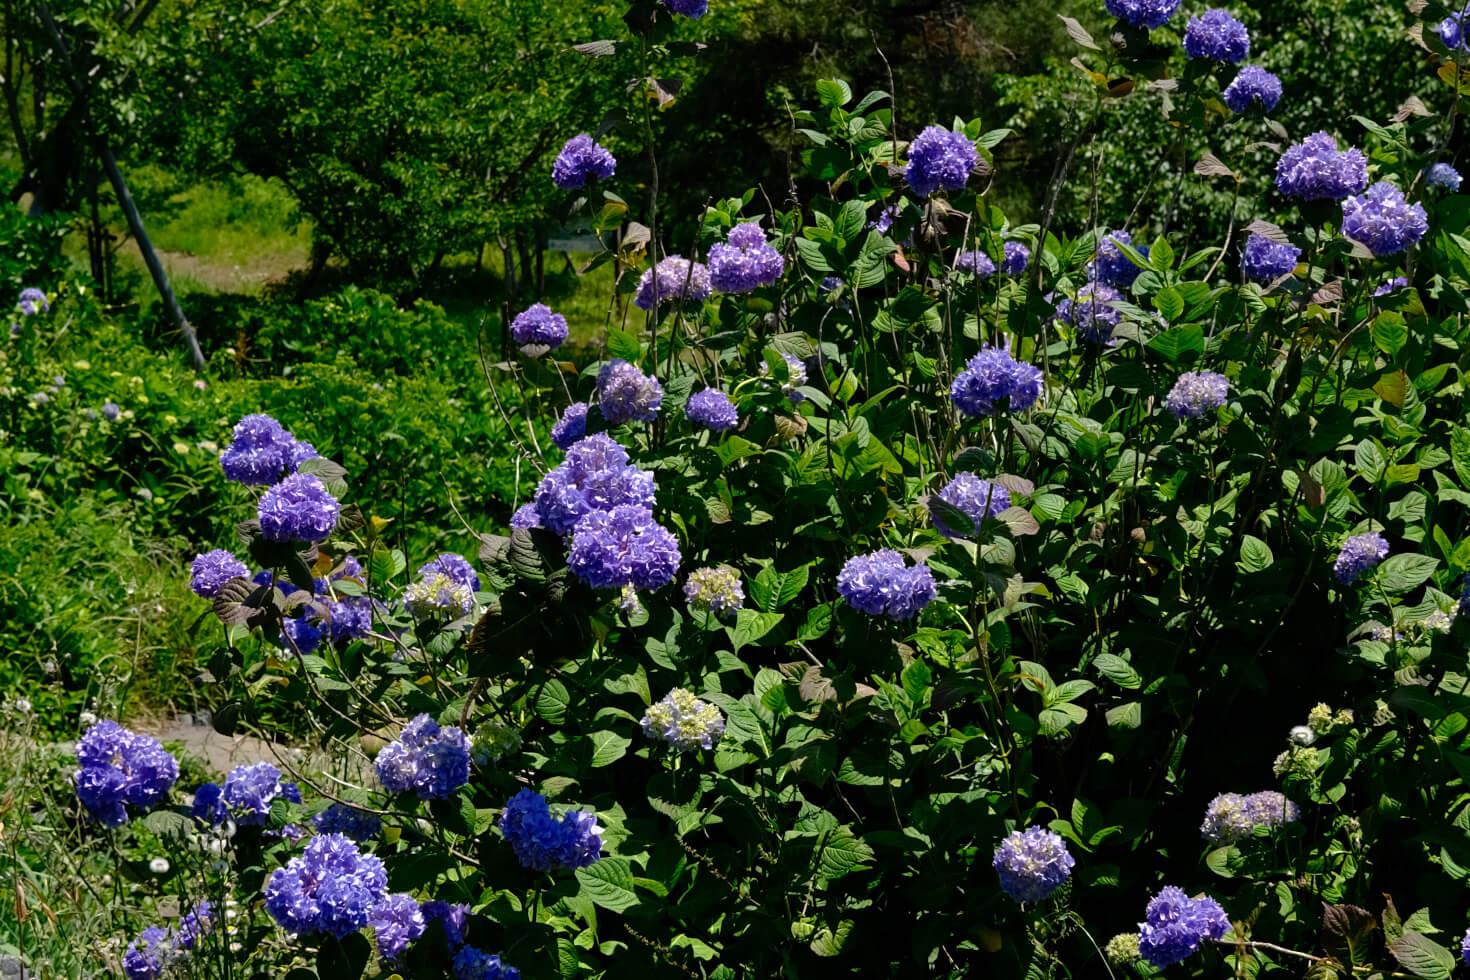 湘南平の山頂周辺には200 種類、4000 株のアジサイが咲いていた。見頃は6月から7月にかけての梅雨シーズン。写真は山頂近くに咲いていたホンアジサイ。 ●F5.6 ●1/500秒 ●ISO160 ●Velvia